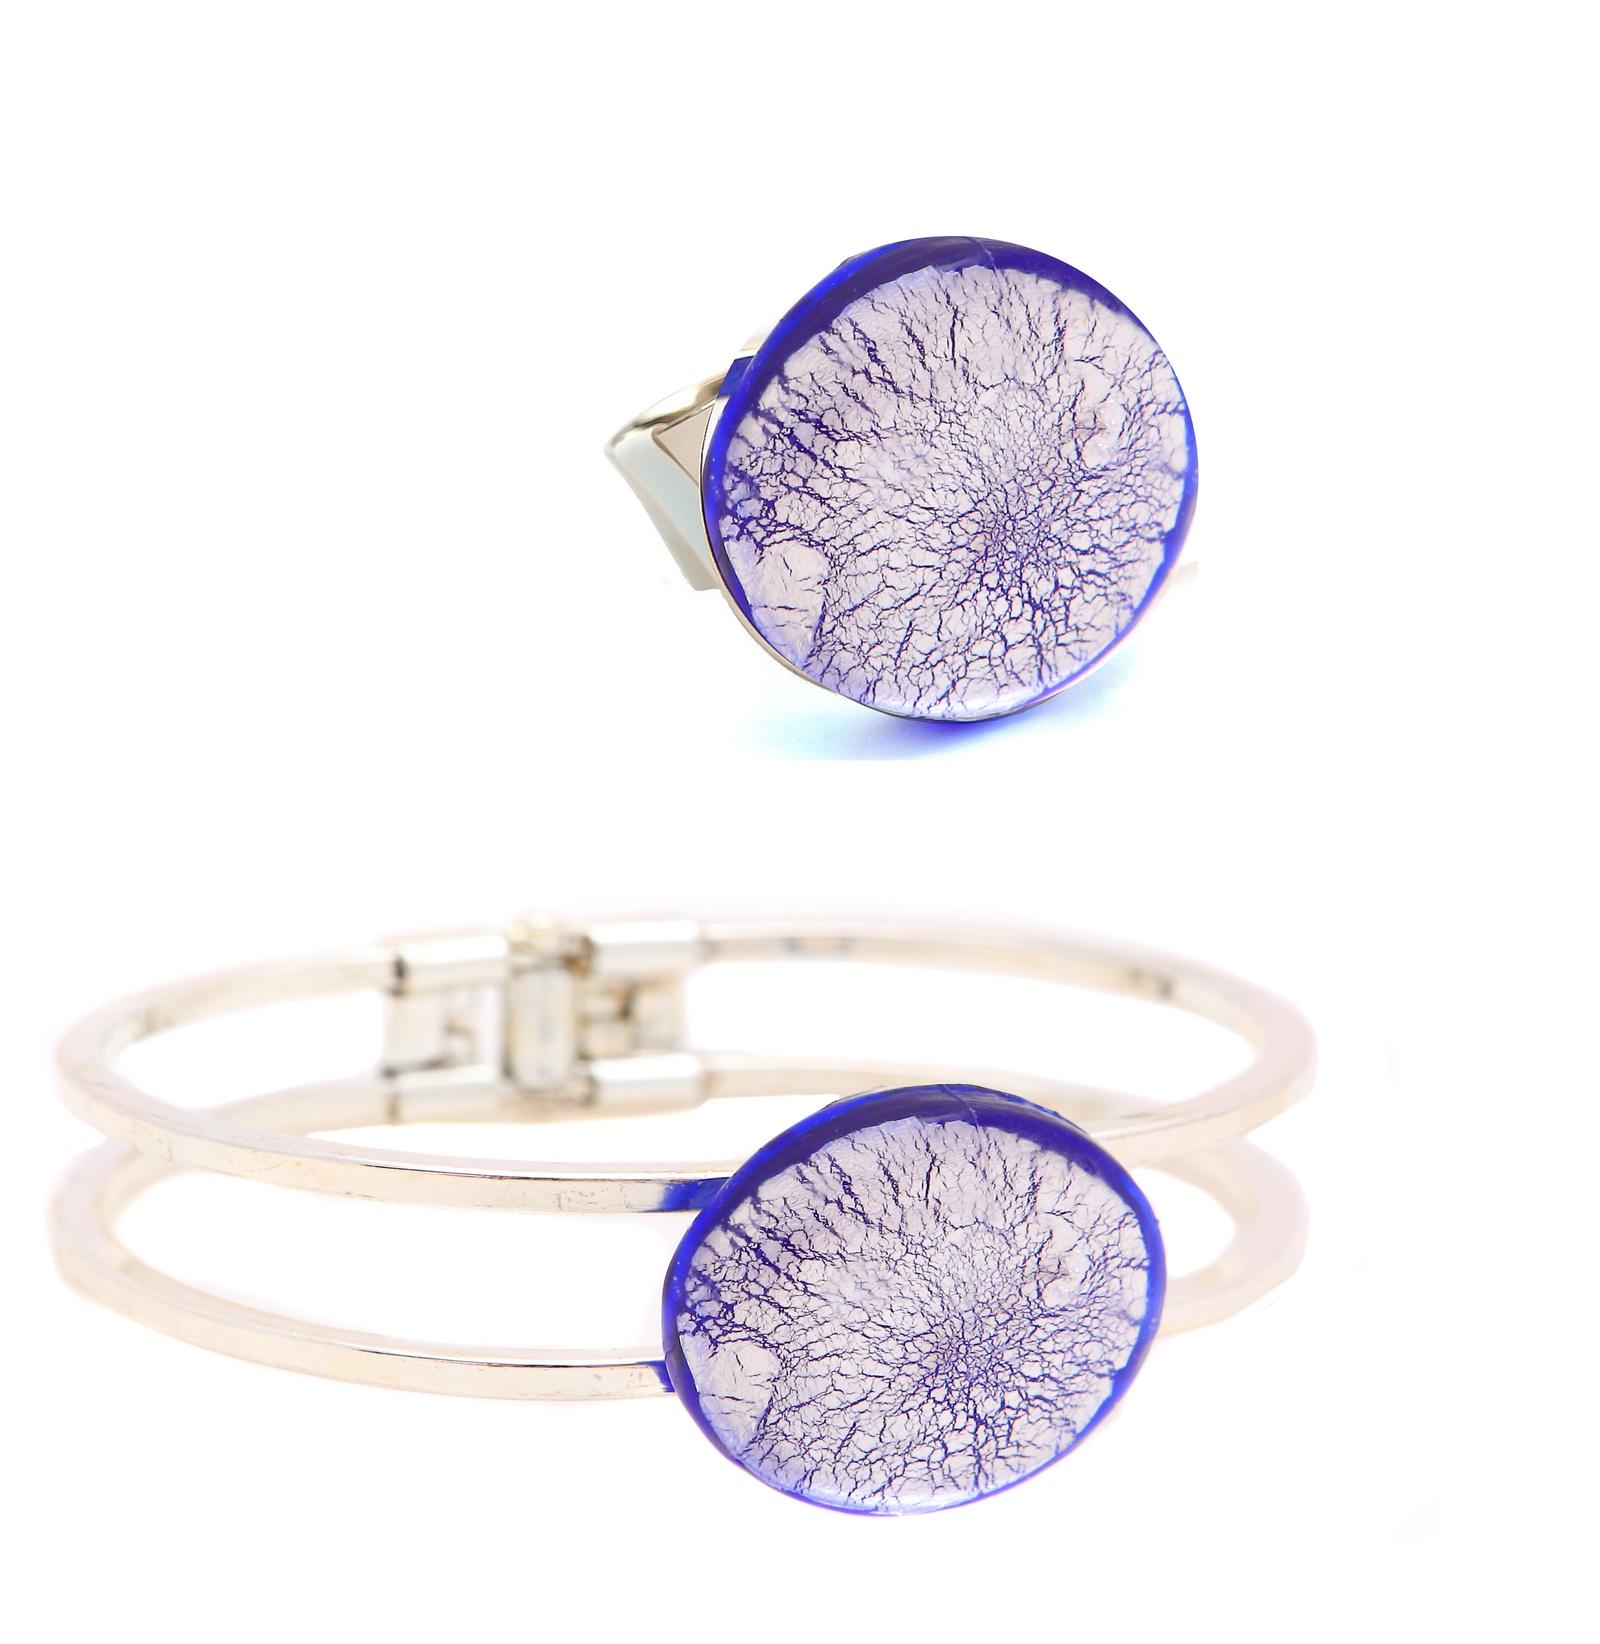 Комплект бижутерии Bottega Murano шнурок держатель для очков муранское стекло бисер ручная работа murano италия венеция